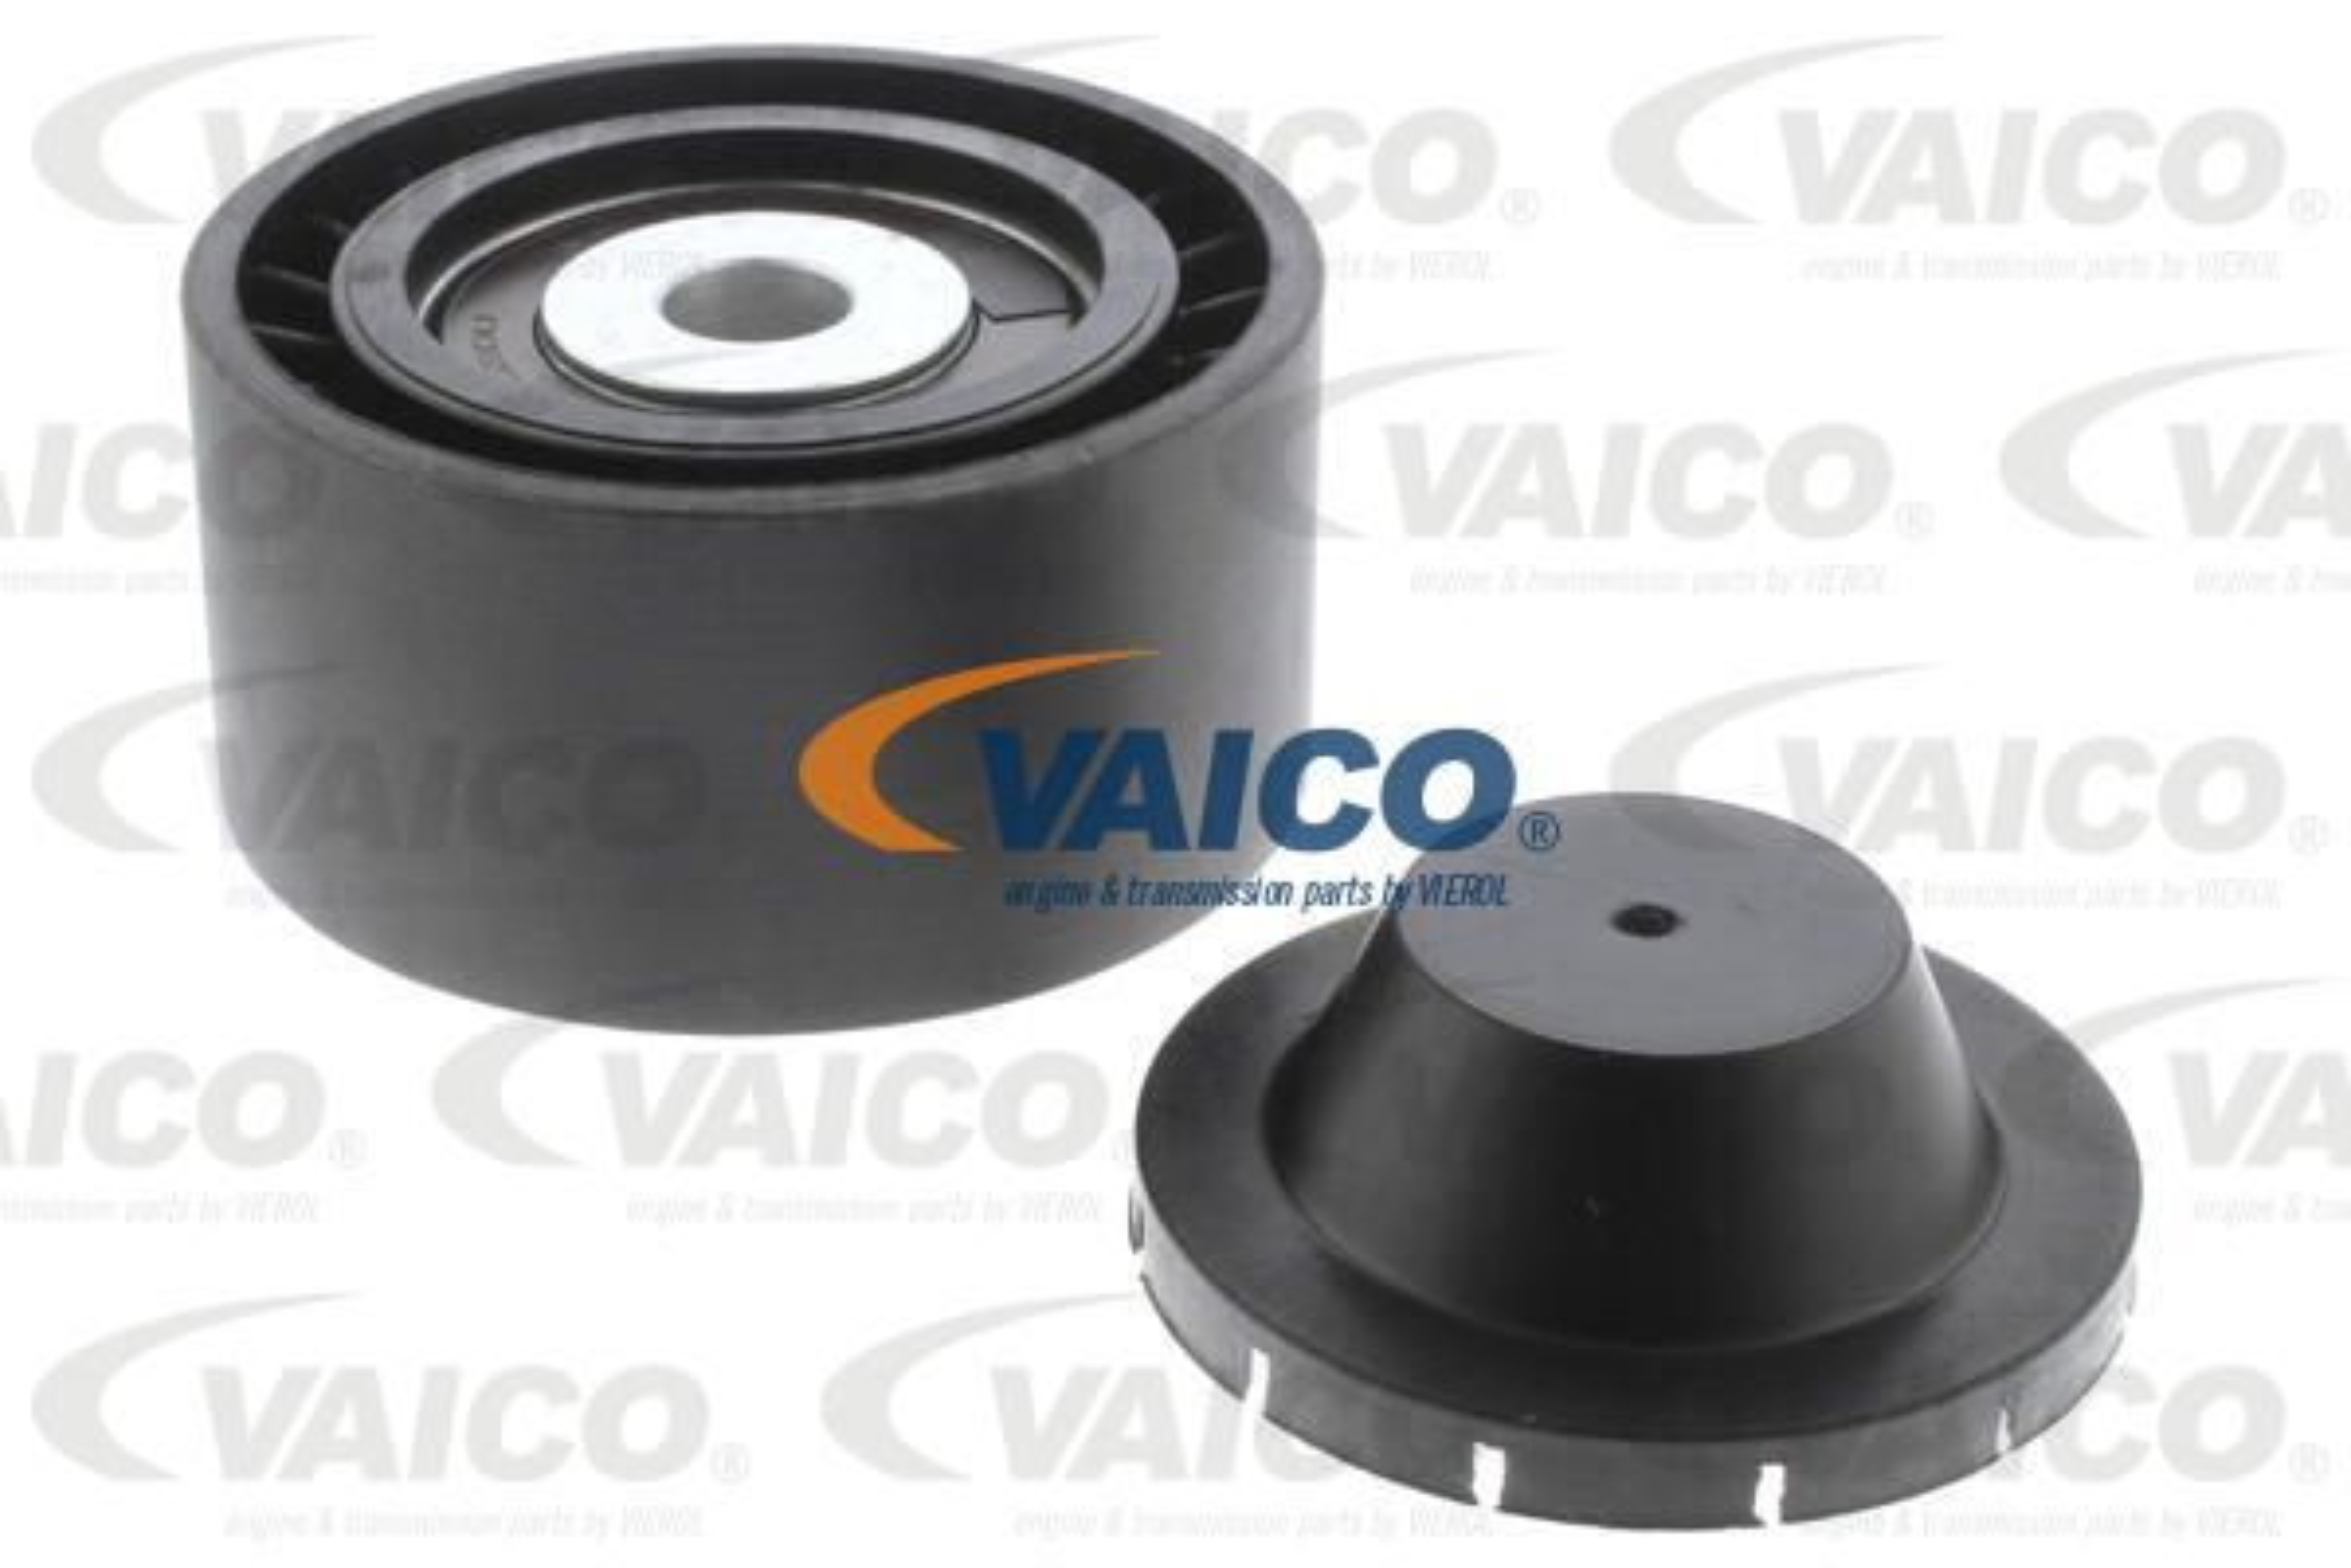 Umlenkrolle Keilrippenriemen V46-1722 VAICO V46-1722 in Original Qualität